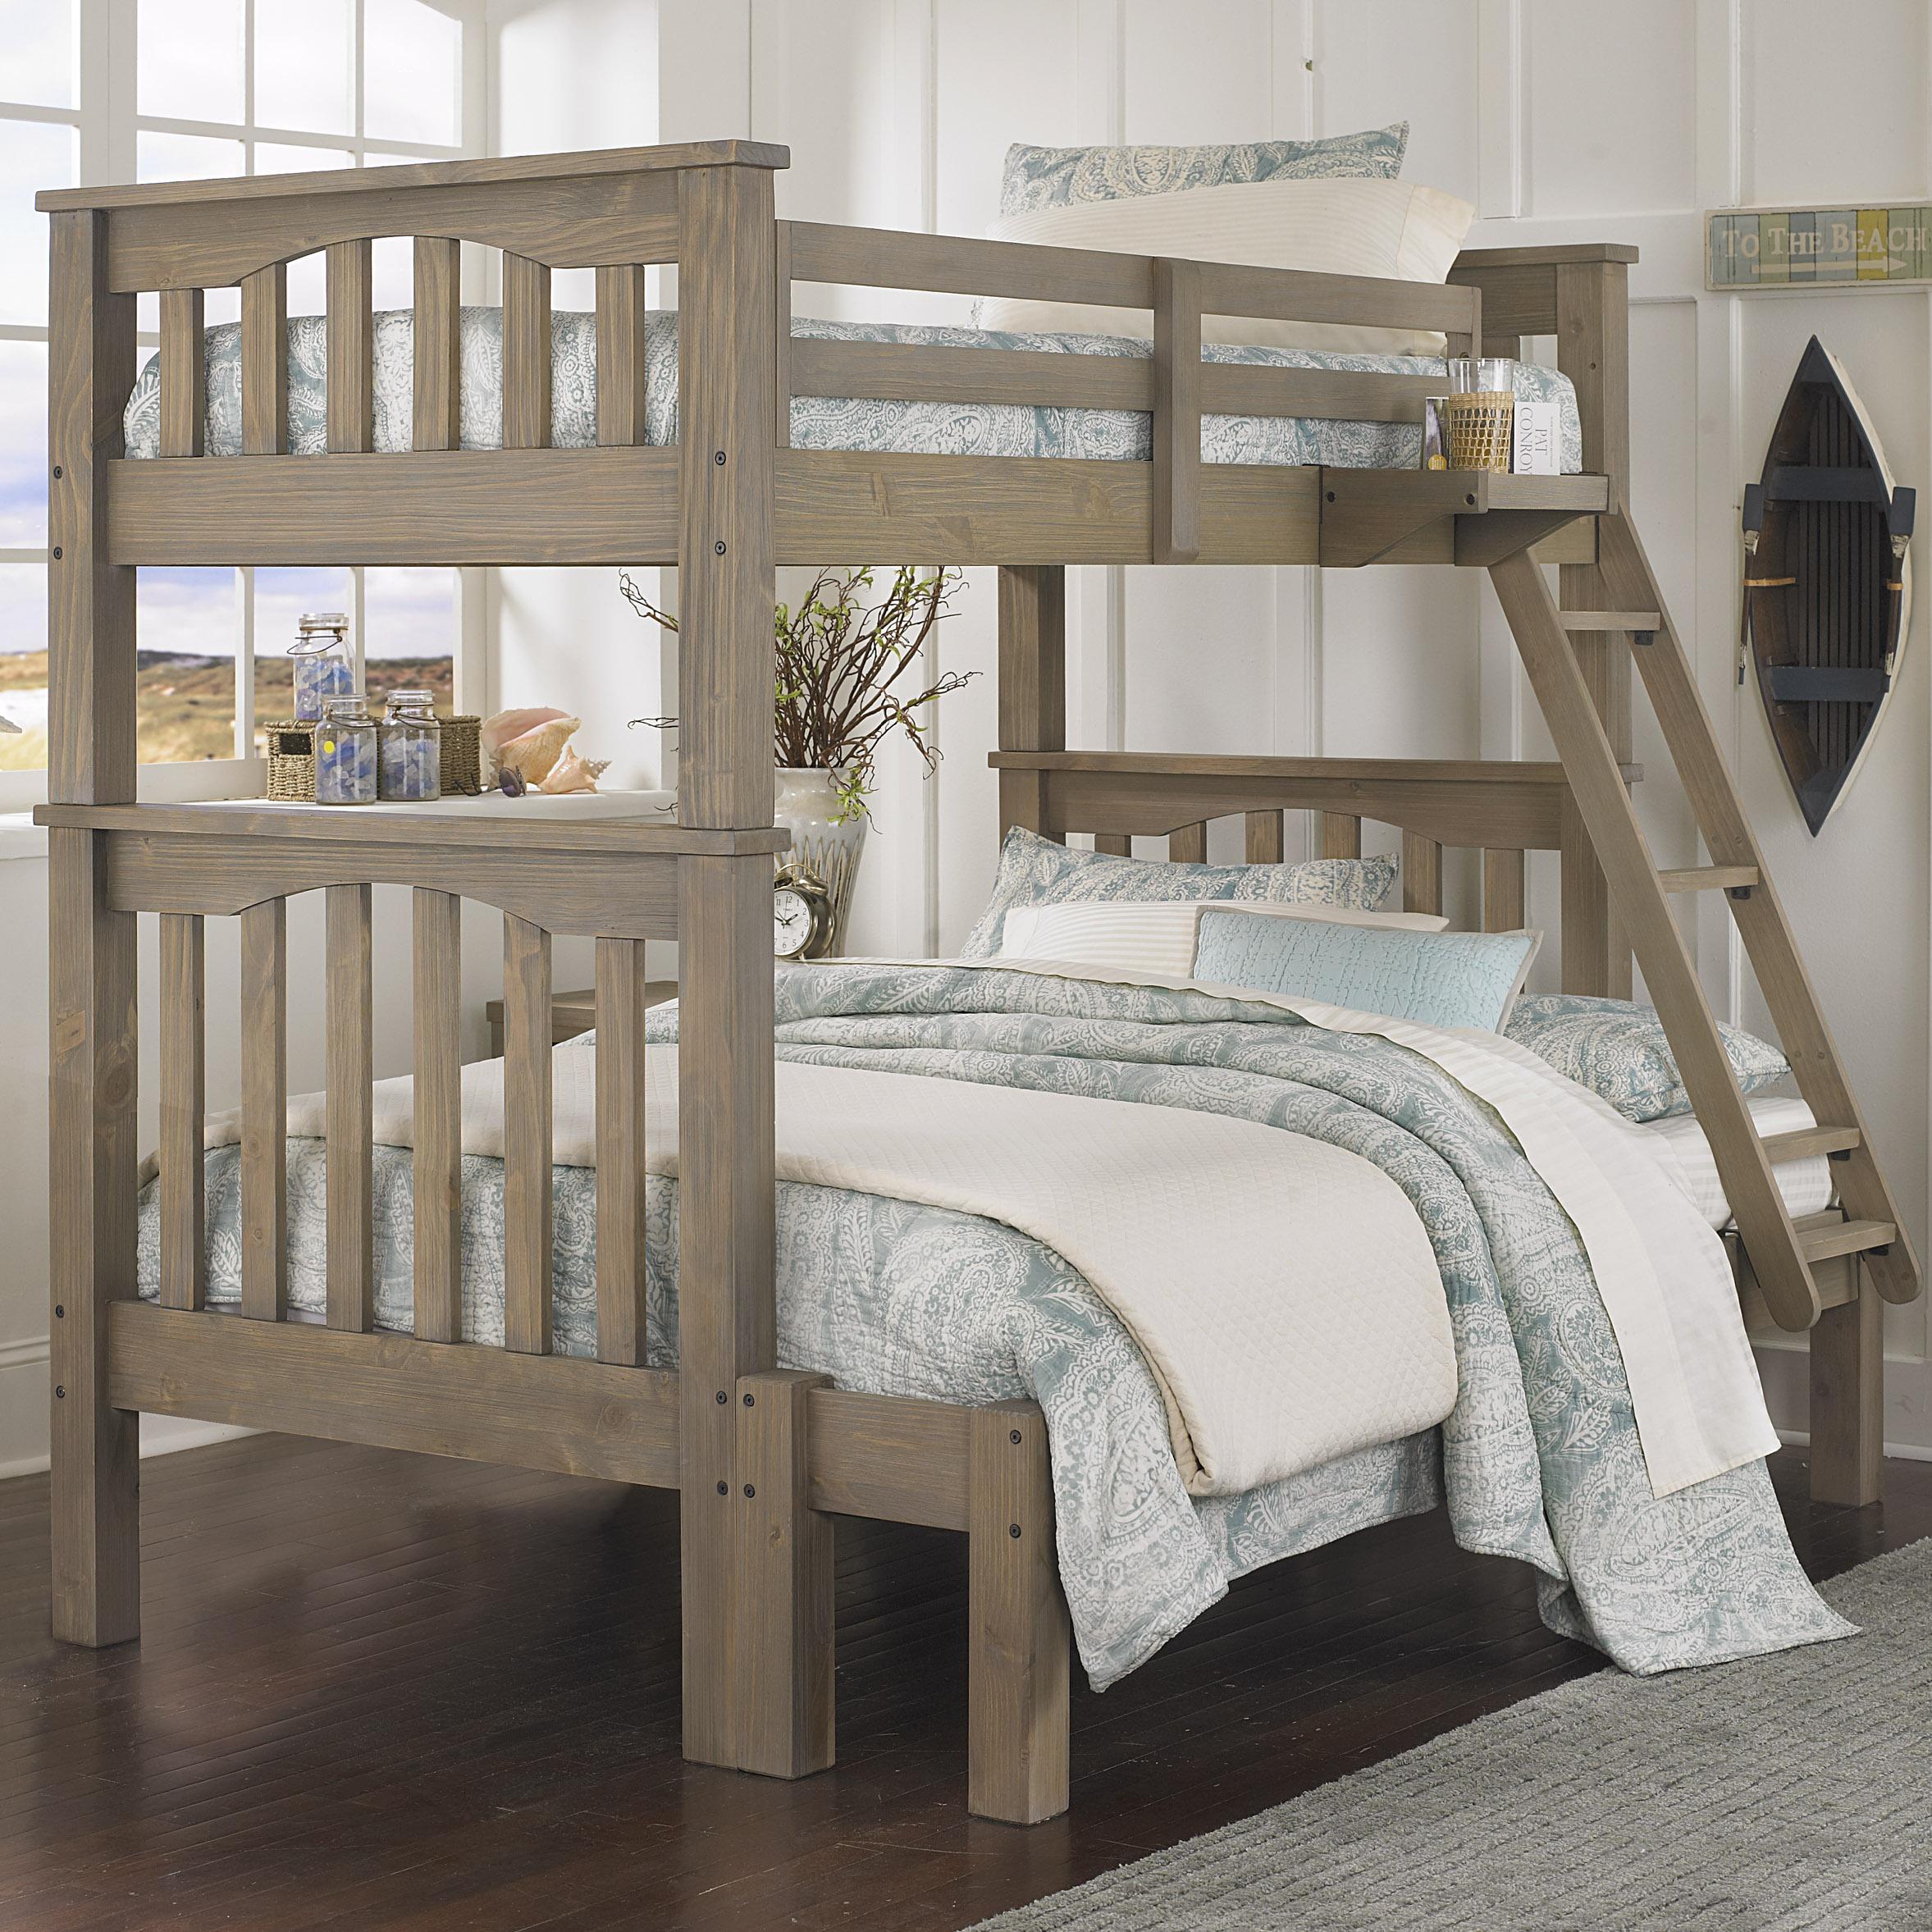 NE Kids Highlands Harper Twin Over Full Bunk Bed - Item Number: 10055